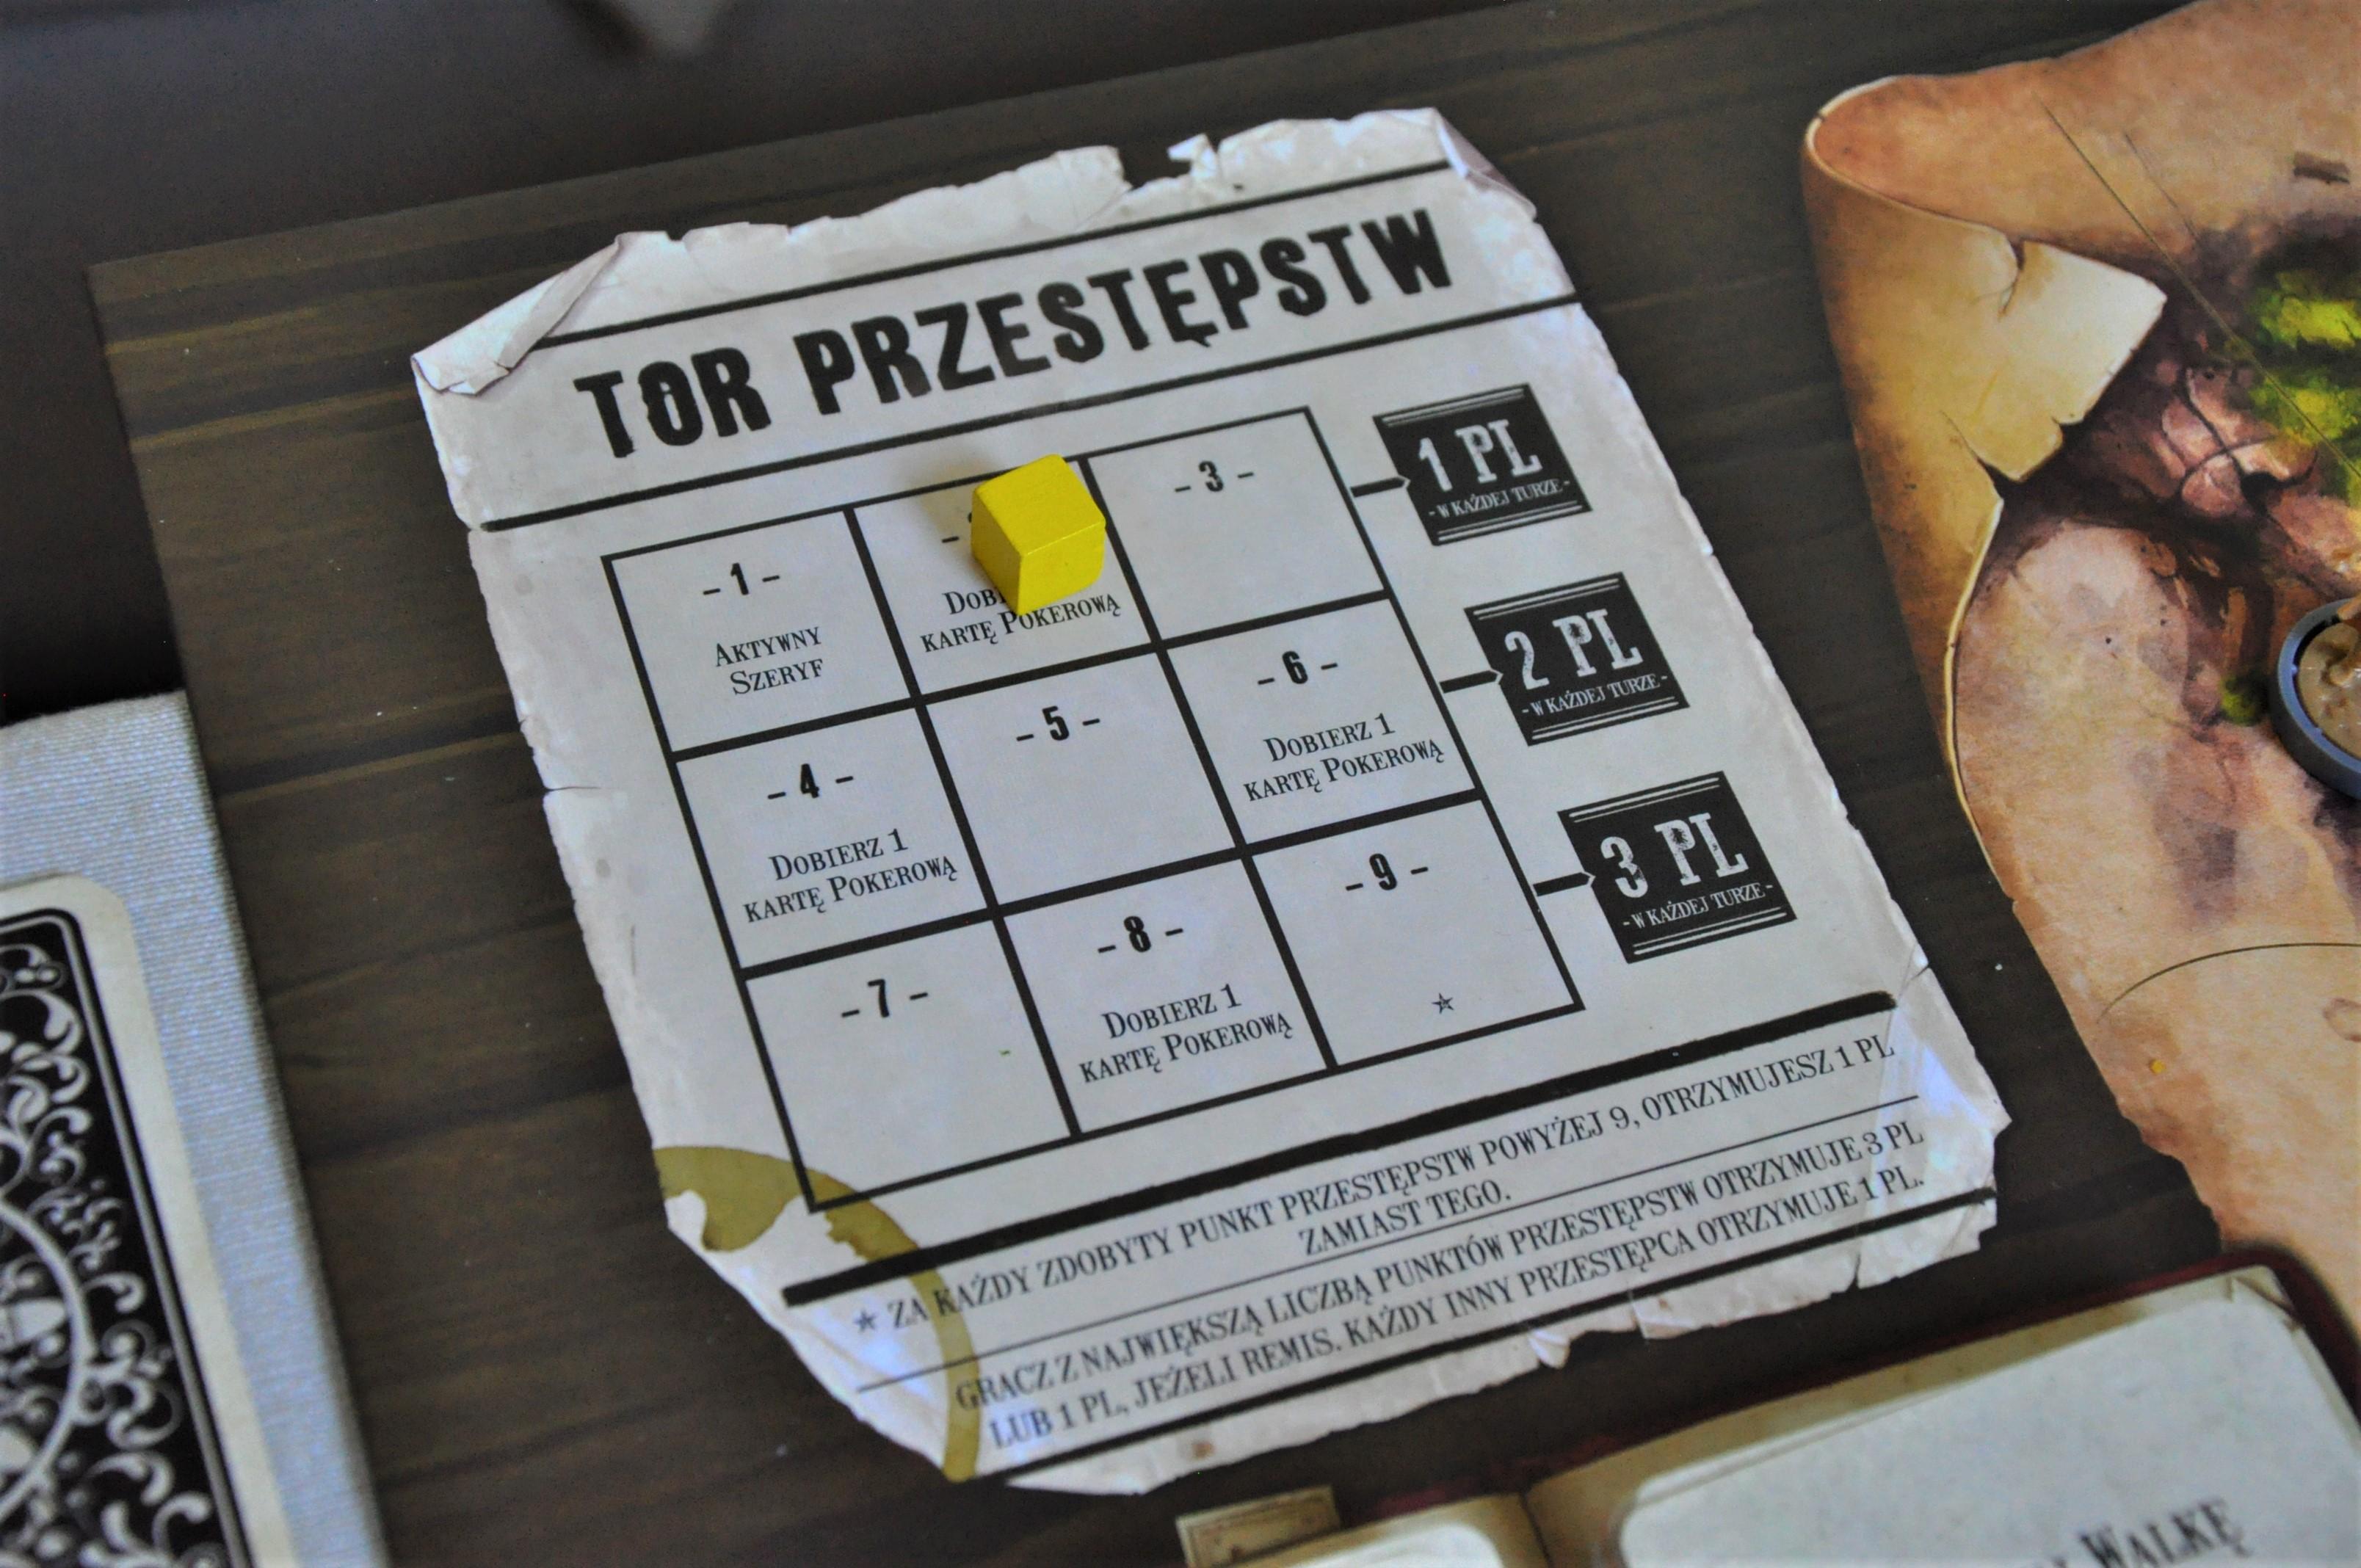 Tor przestępców dający graczowi bonus co rundę